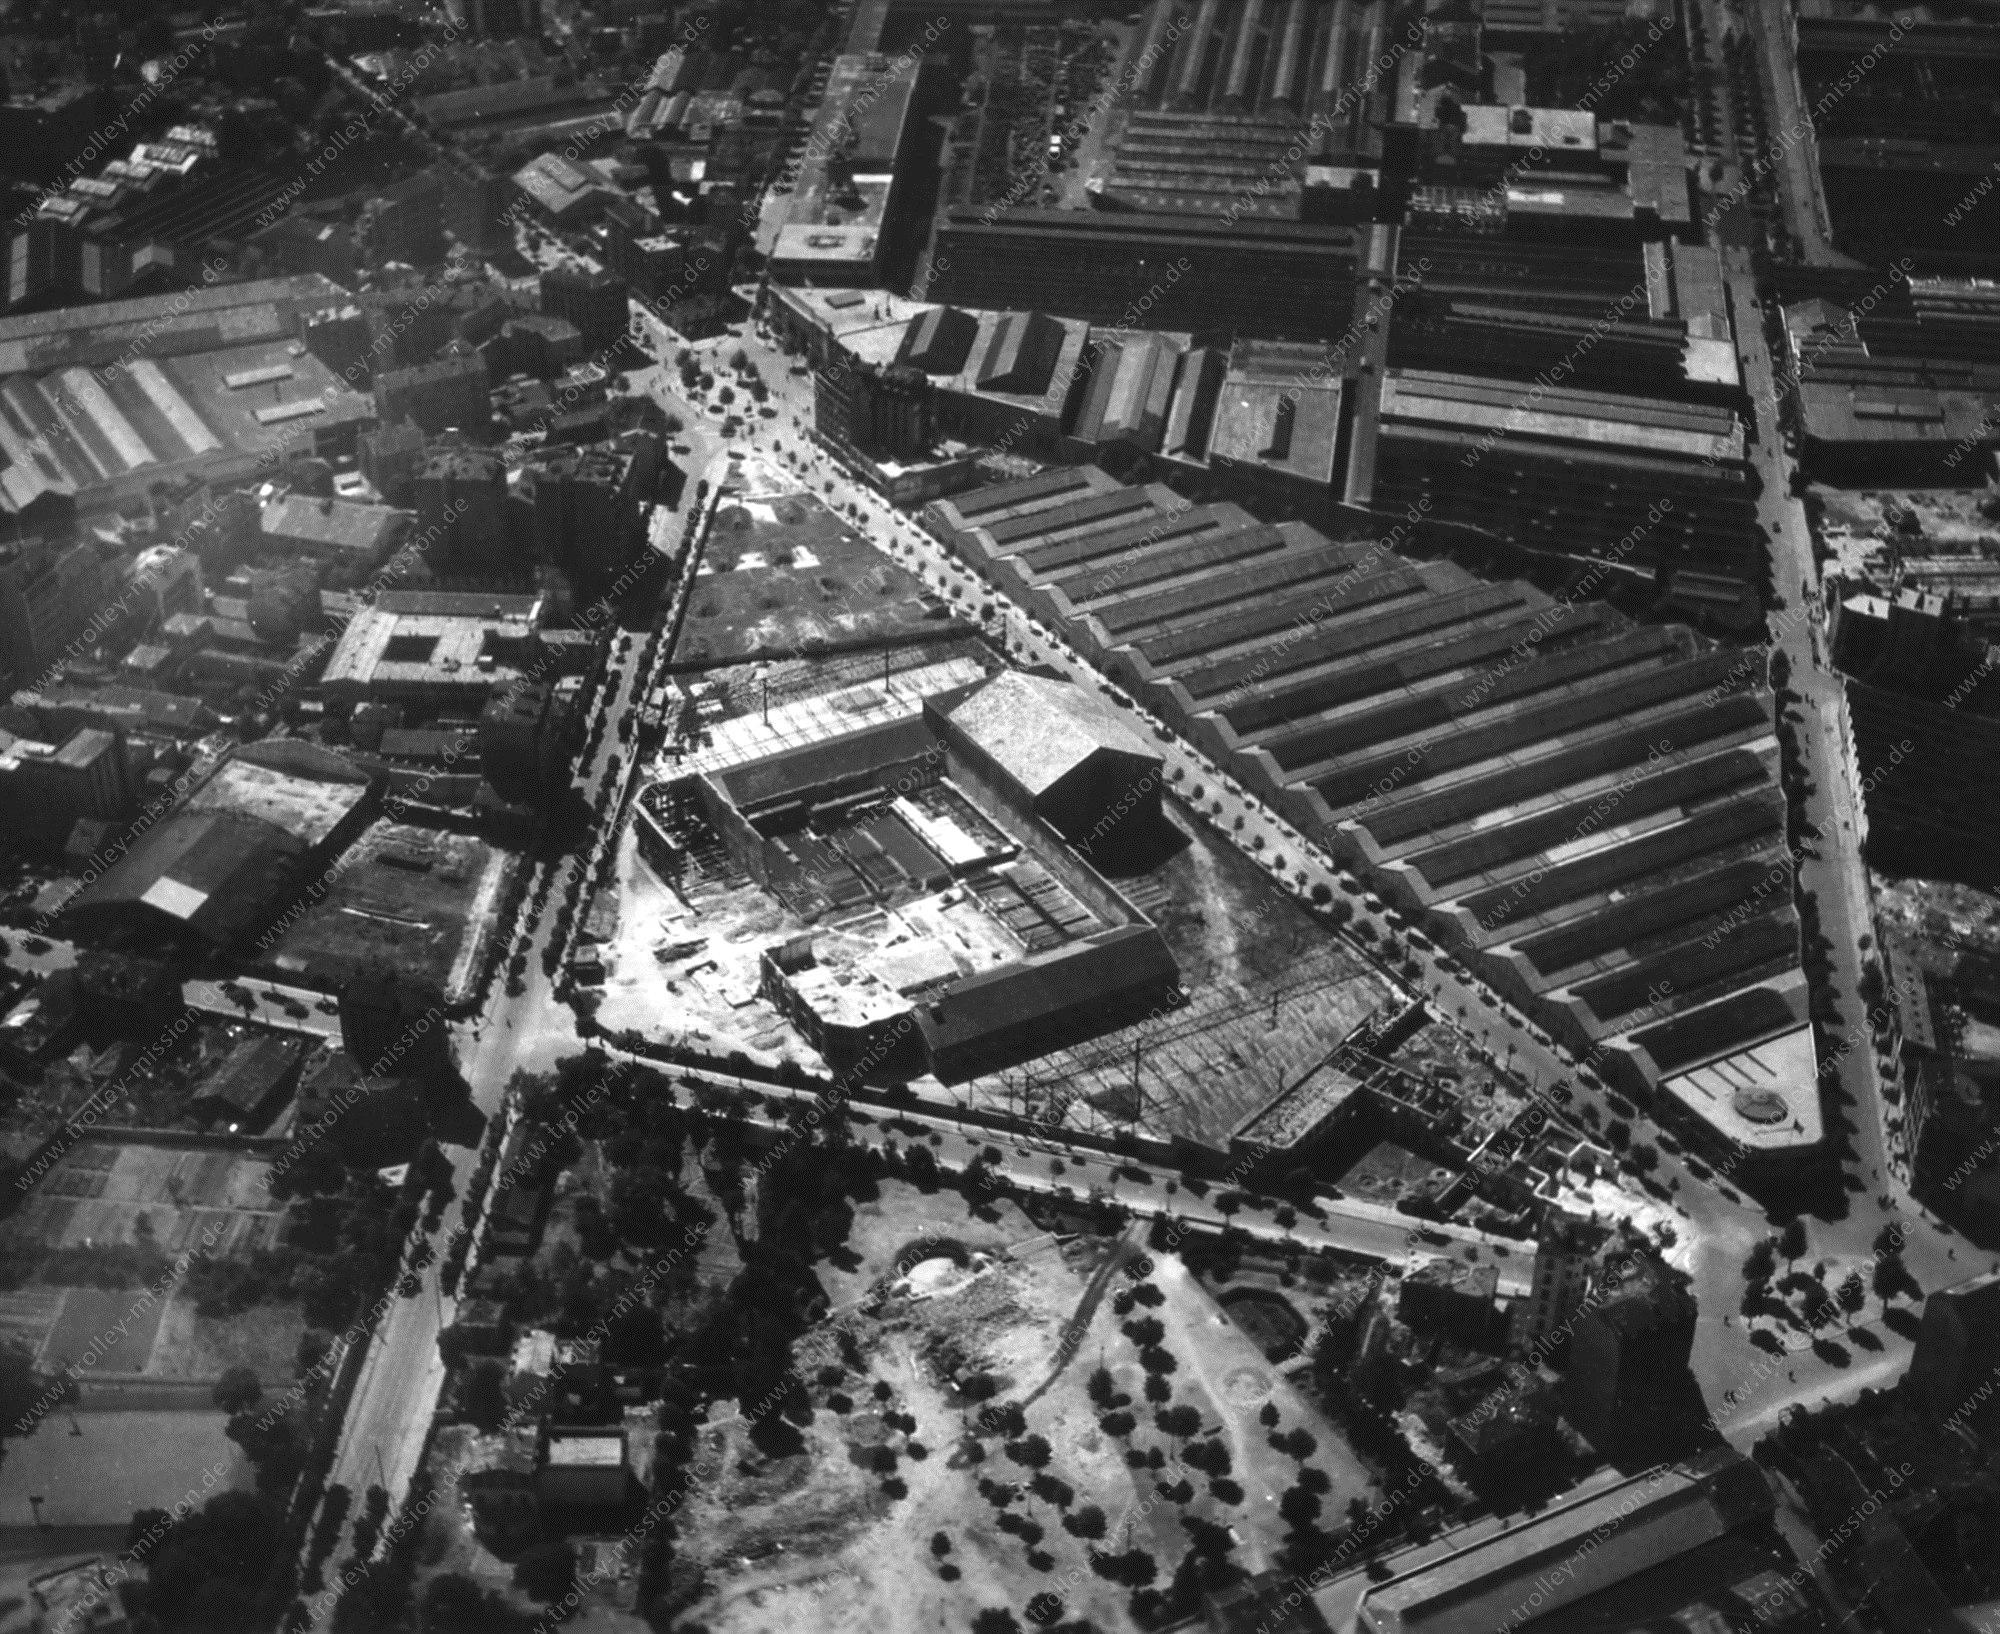 Luftbild der Renault Automobil-Werke in Boulogne-Billancourt bei Paris (Frankreich)